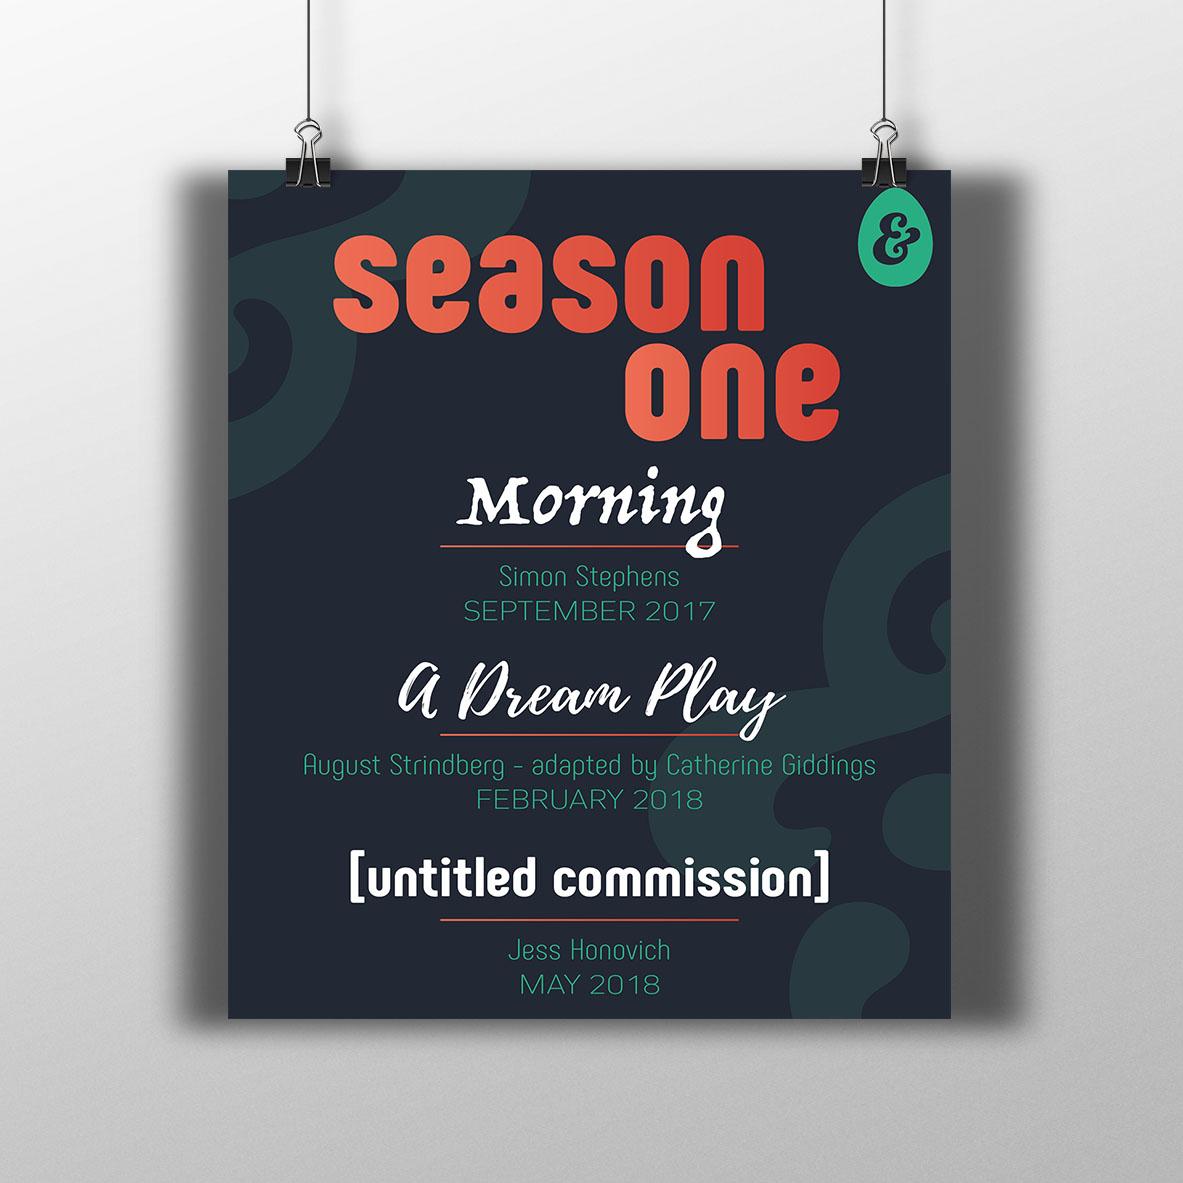 EggSpoon_SeasonFlyer.jpg